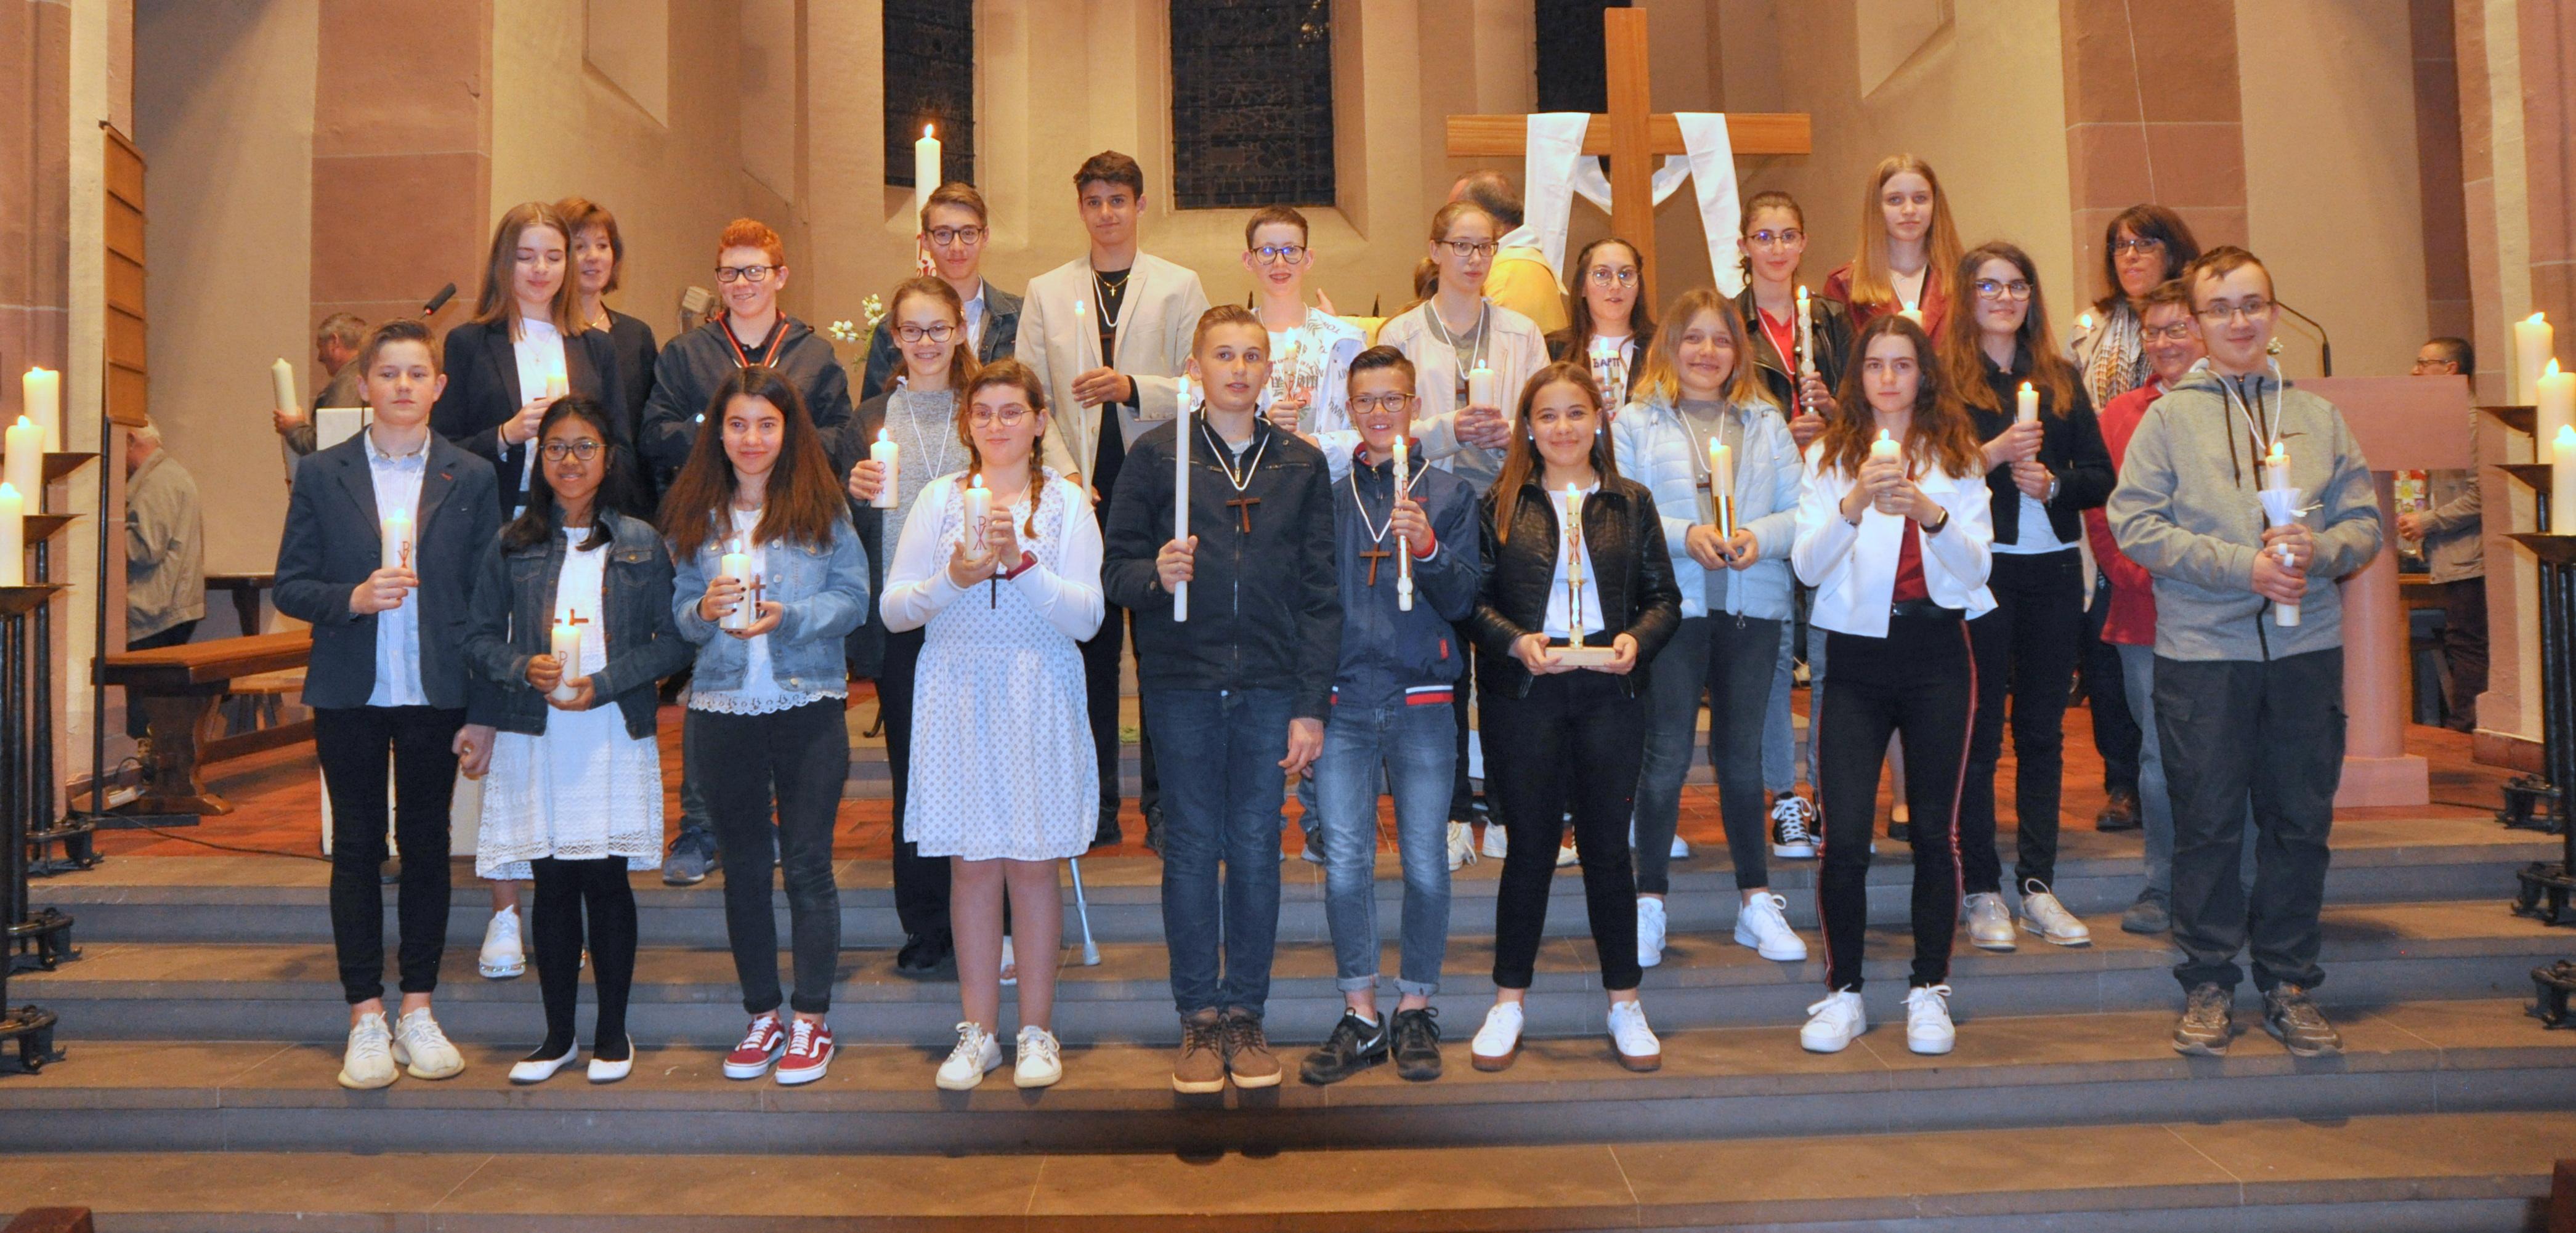 Vigile pascale à Benfeld avec la profession de Foi des jeunes samedi 20 avril 2019